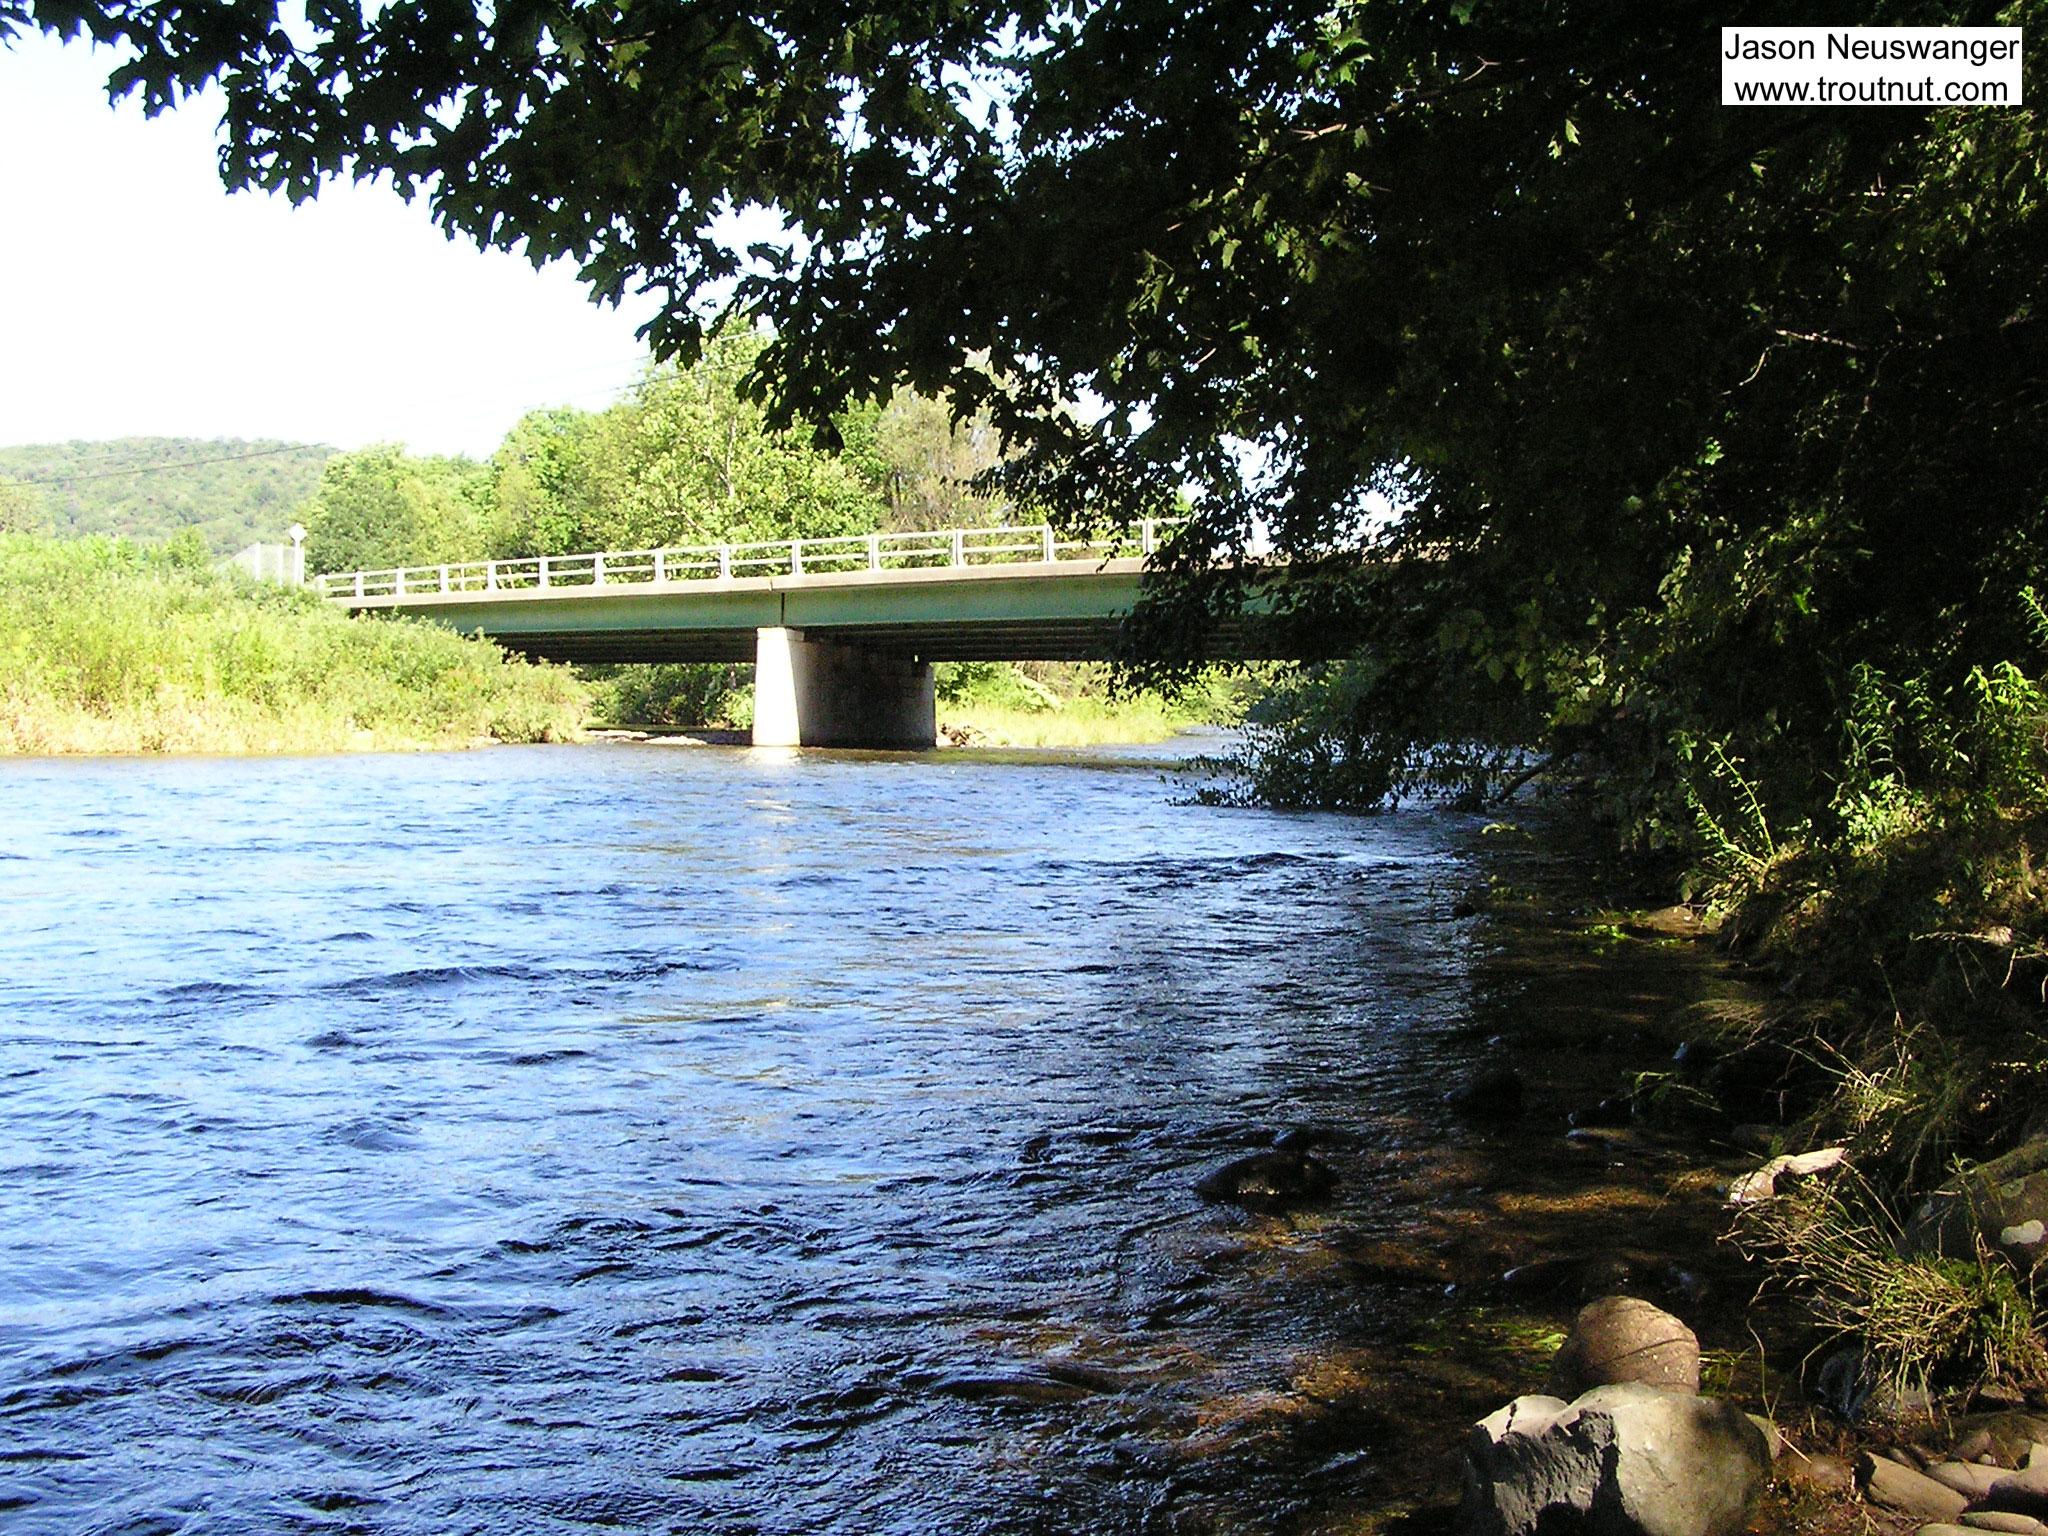 From the Beaverkill River (Upper) in New York.